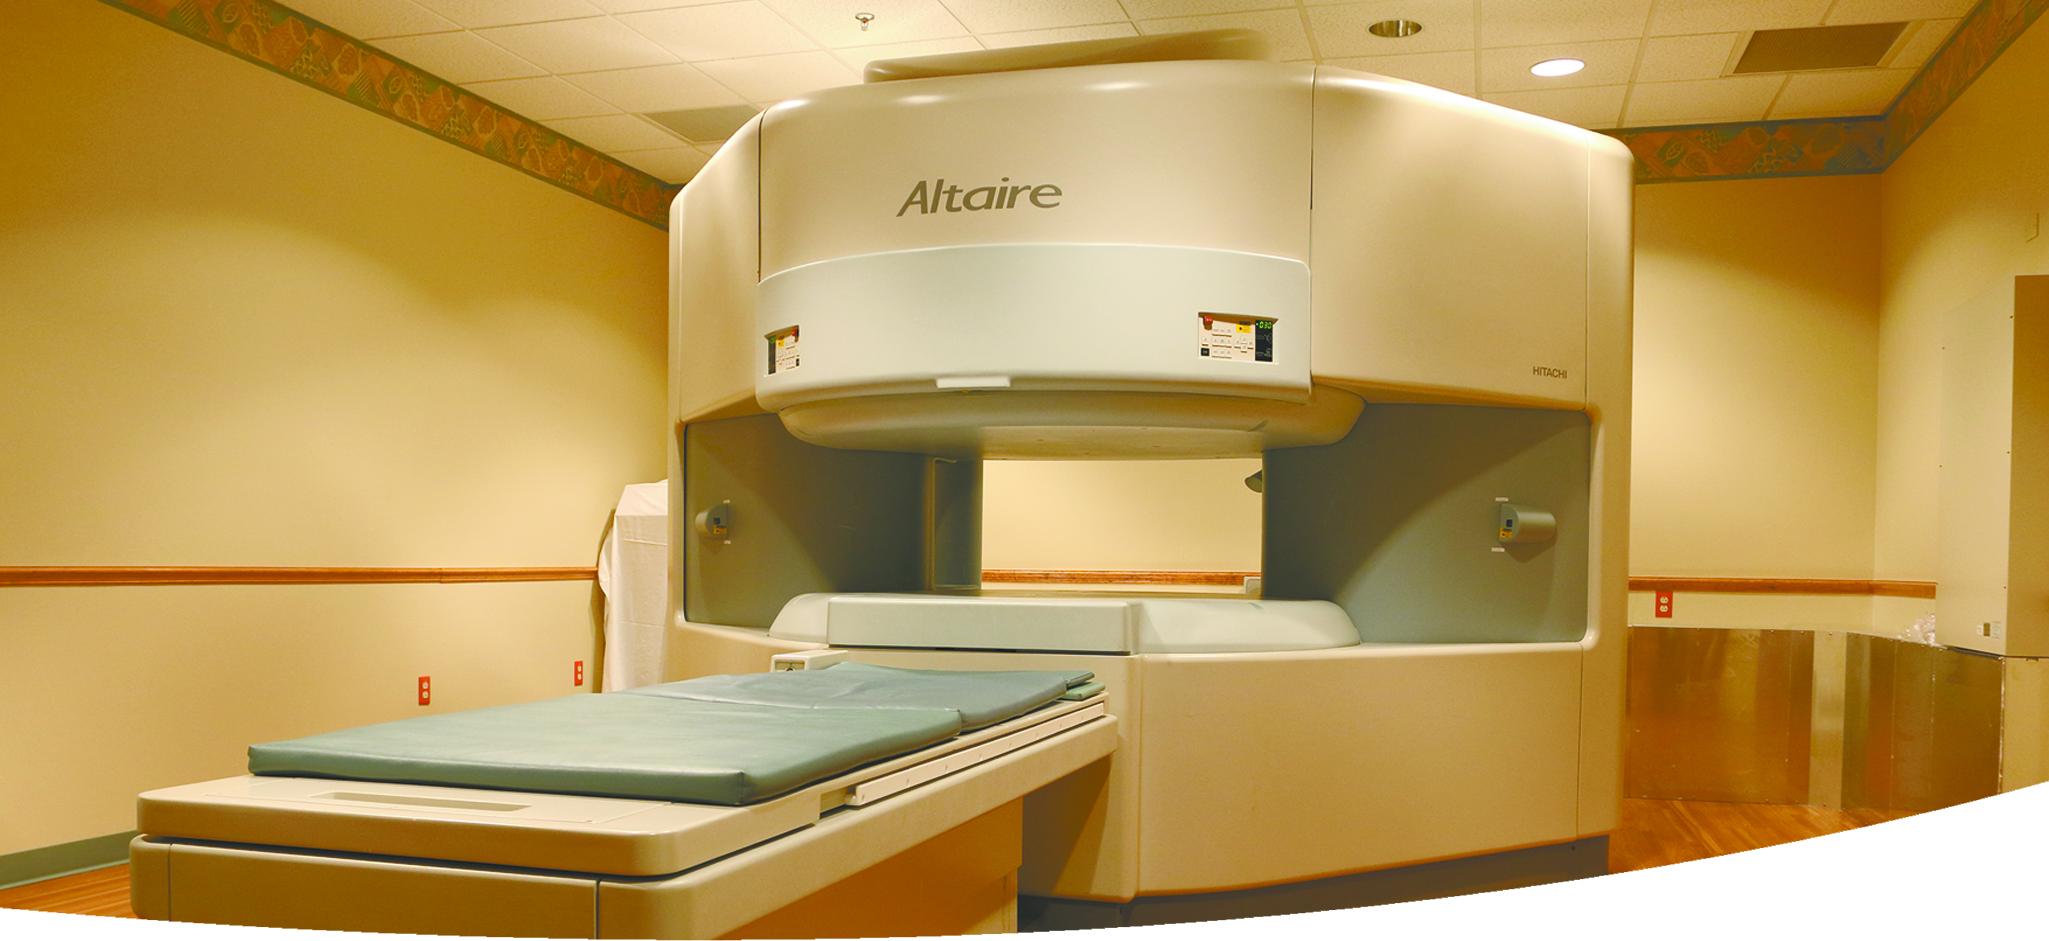 MRI Technology